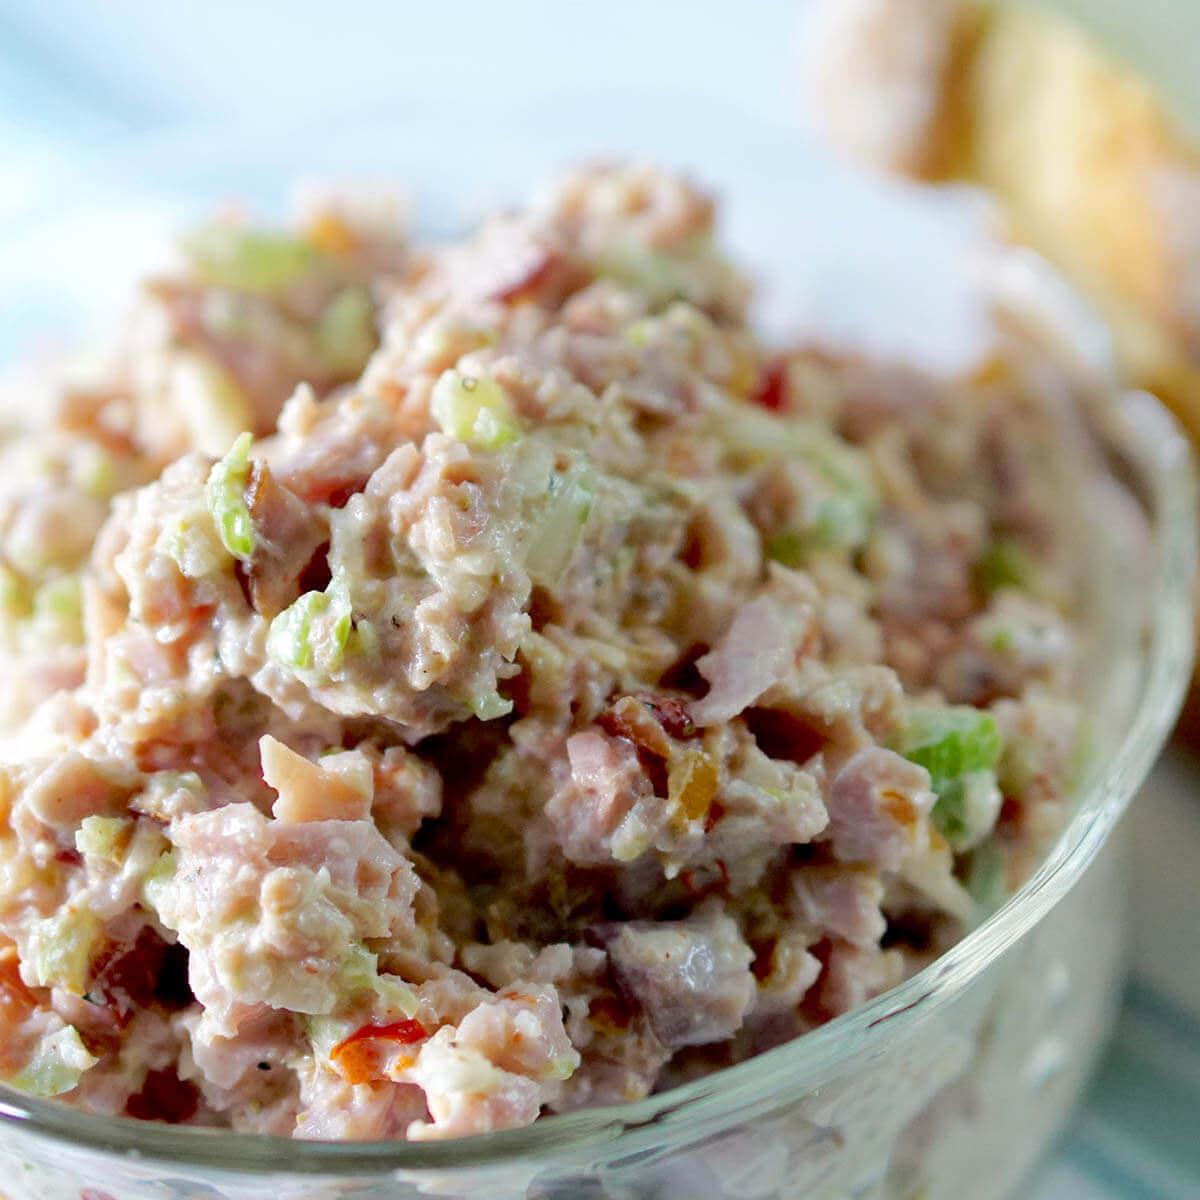 Ham Salad sandwich spread in a bowl.